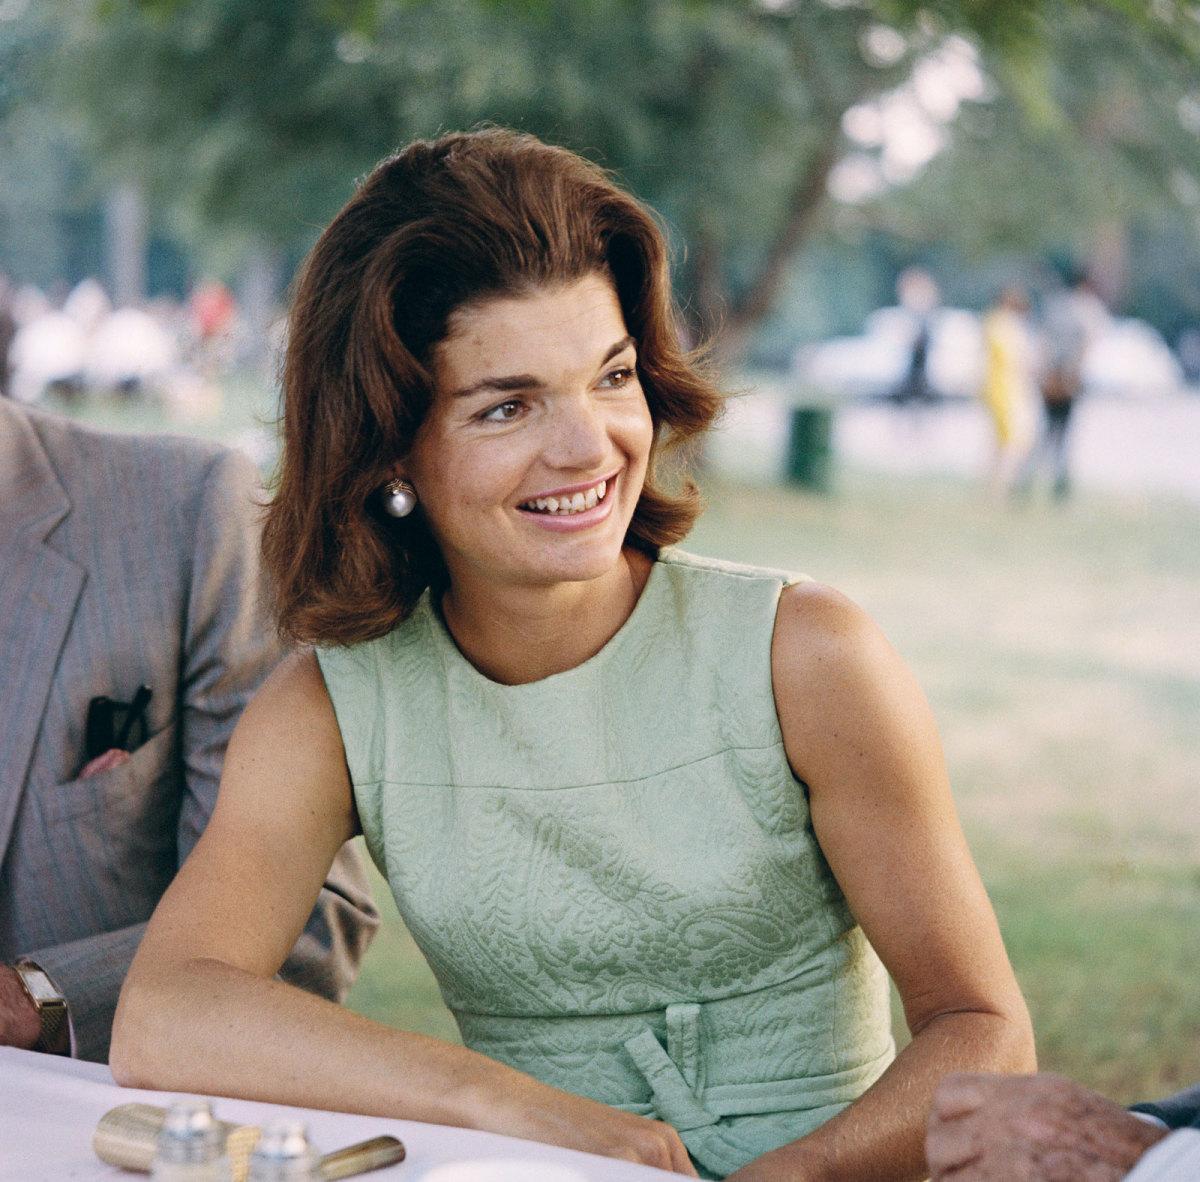 Index - JBK - Jacqueline Bouvier Kennedy Onassis